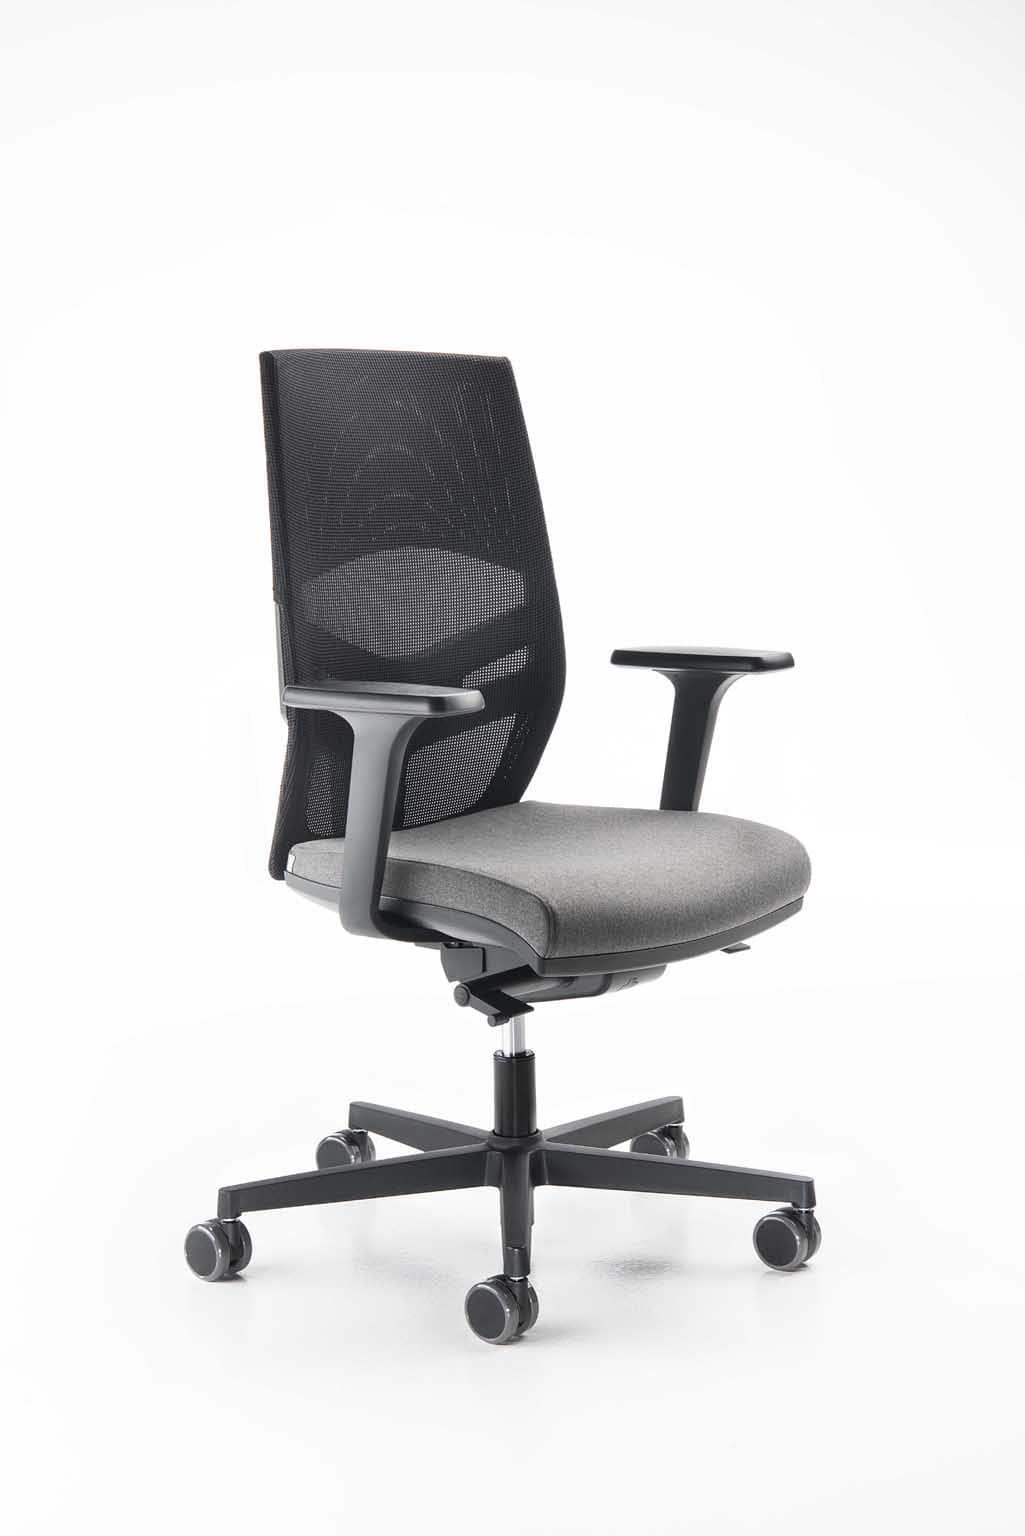 Easy B Standard Office Chair Modern Elegant Adjule